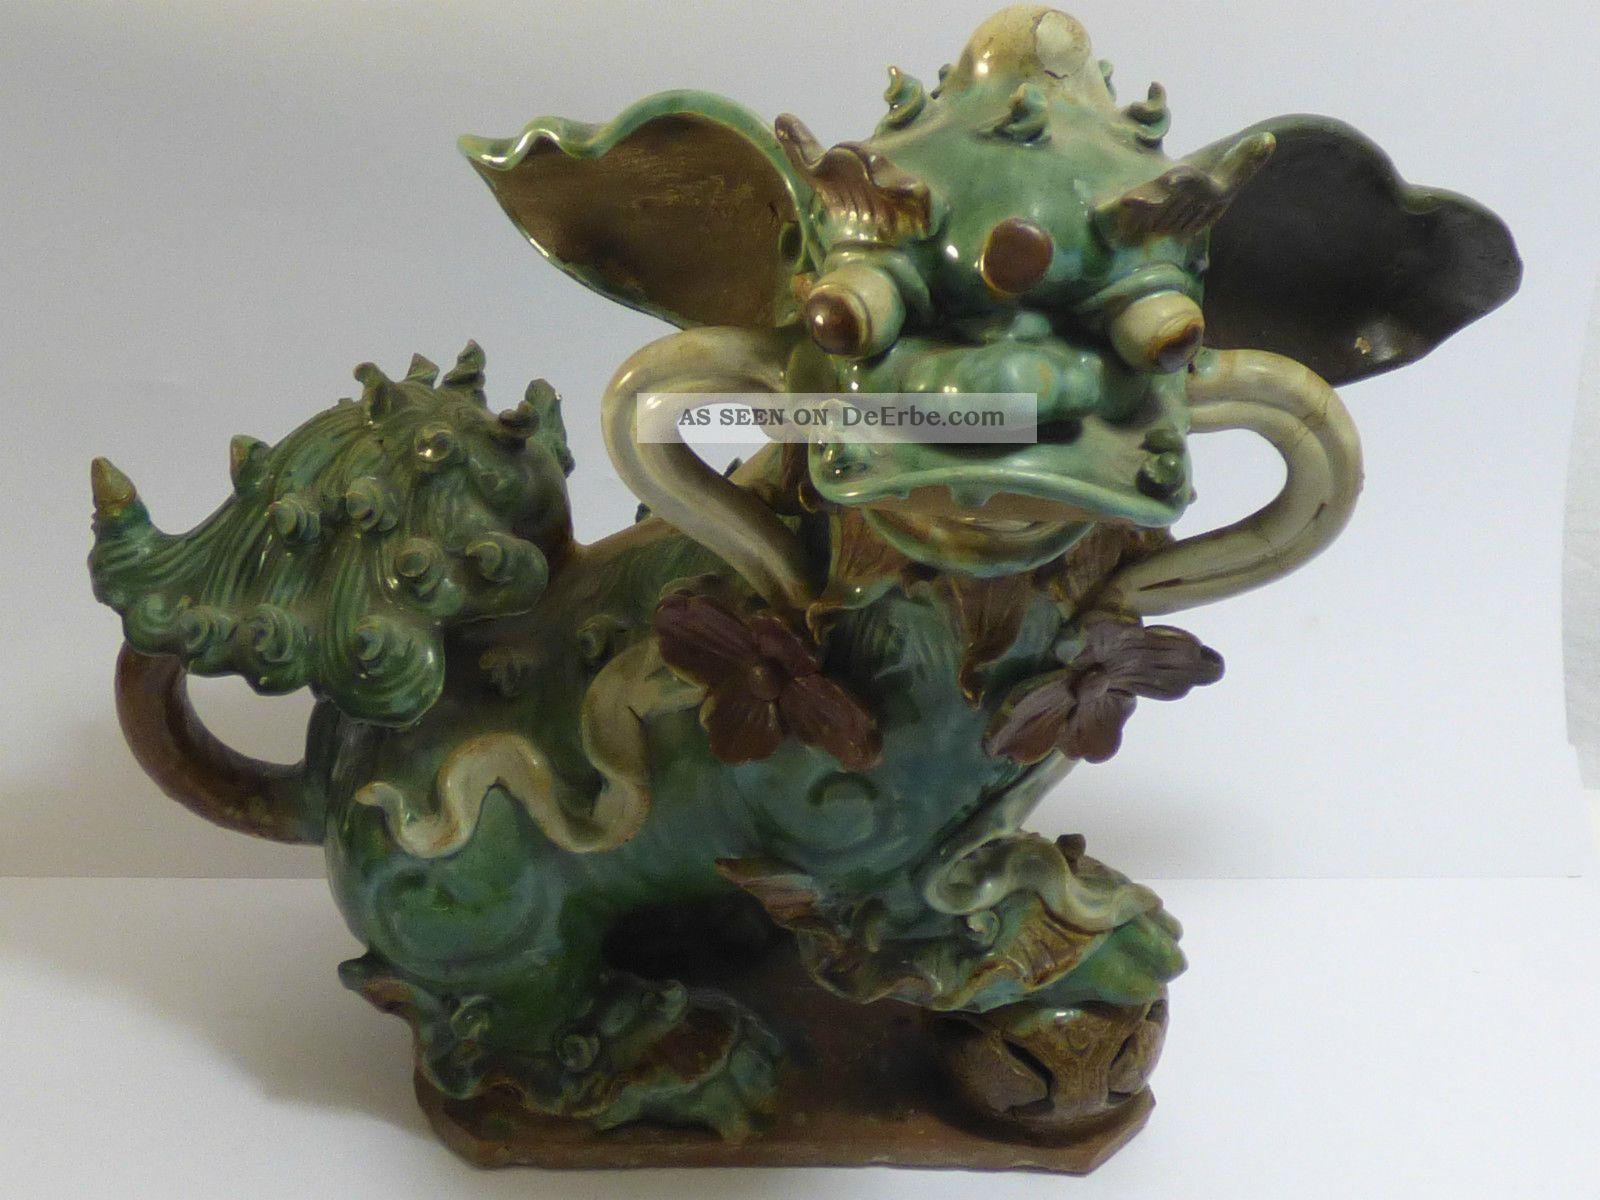 Chinesischer Tempelhund Ming - Stil Keramik Teilweise Grün Glasiert Um 1900 Asiatika: China Bild